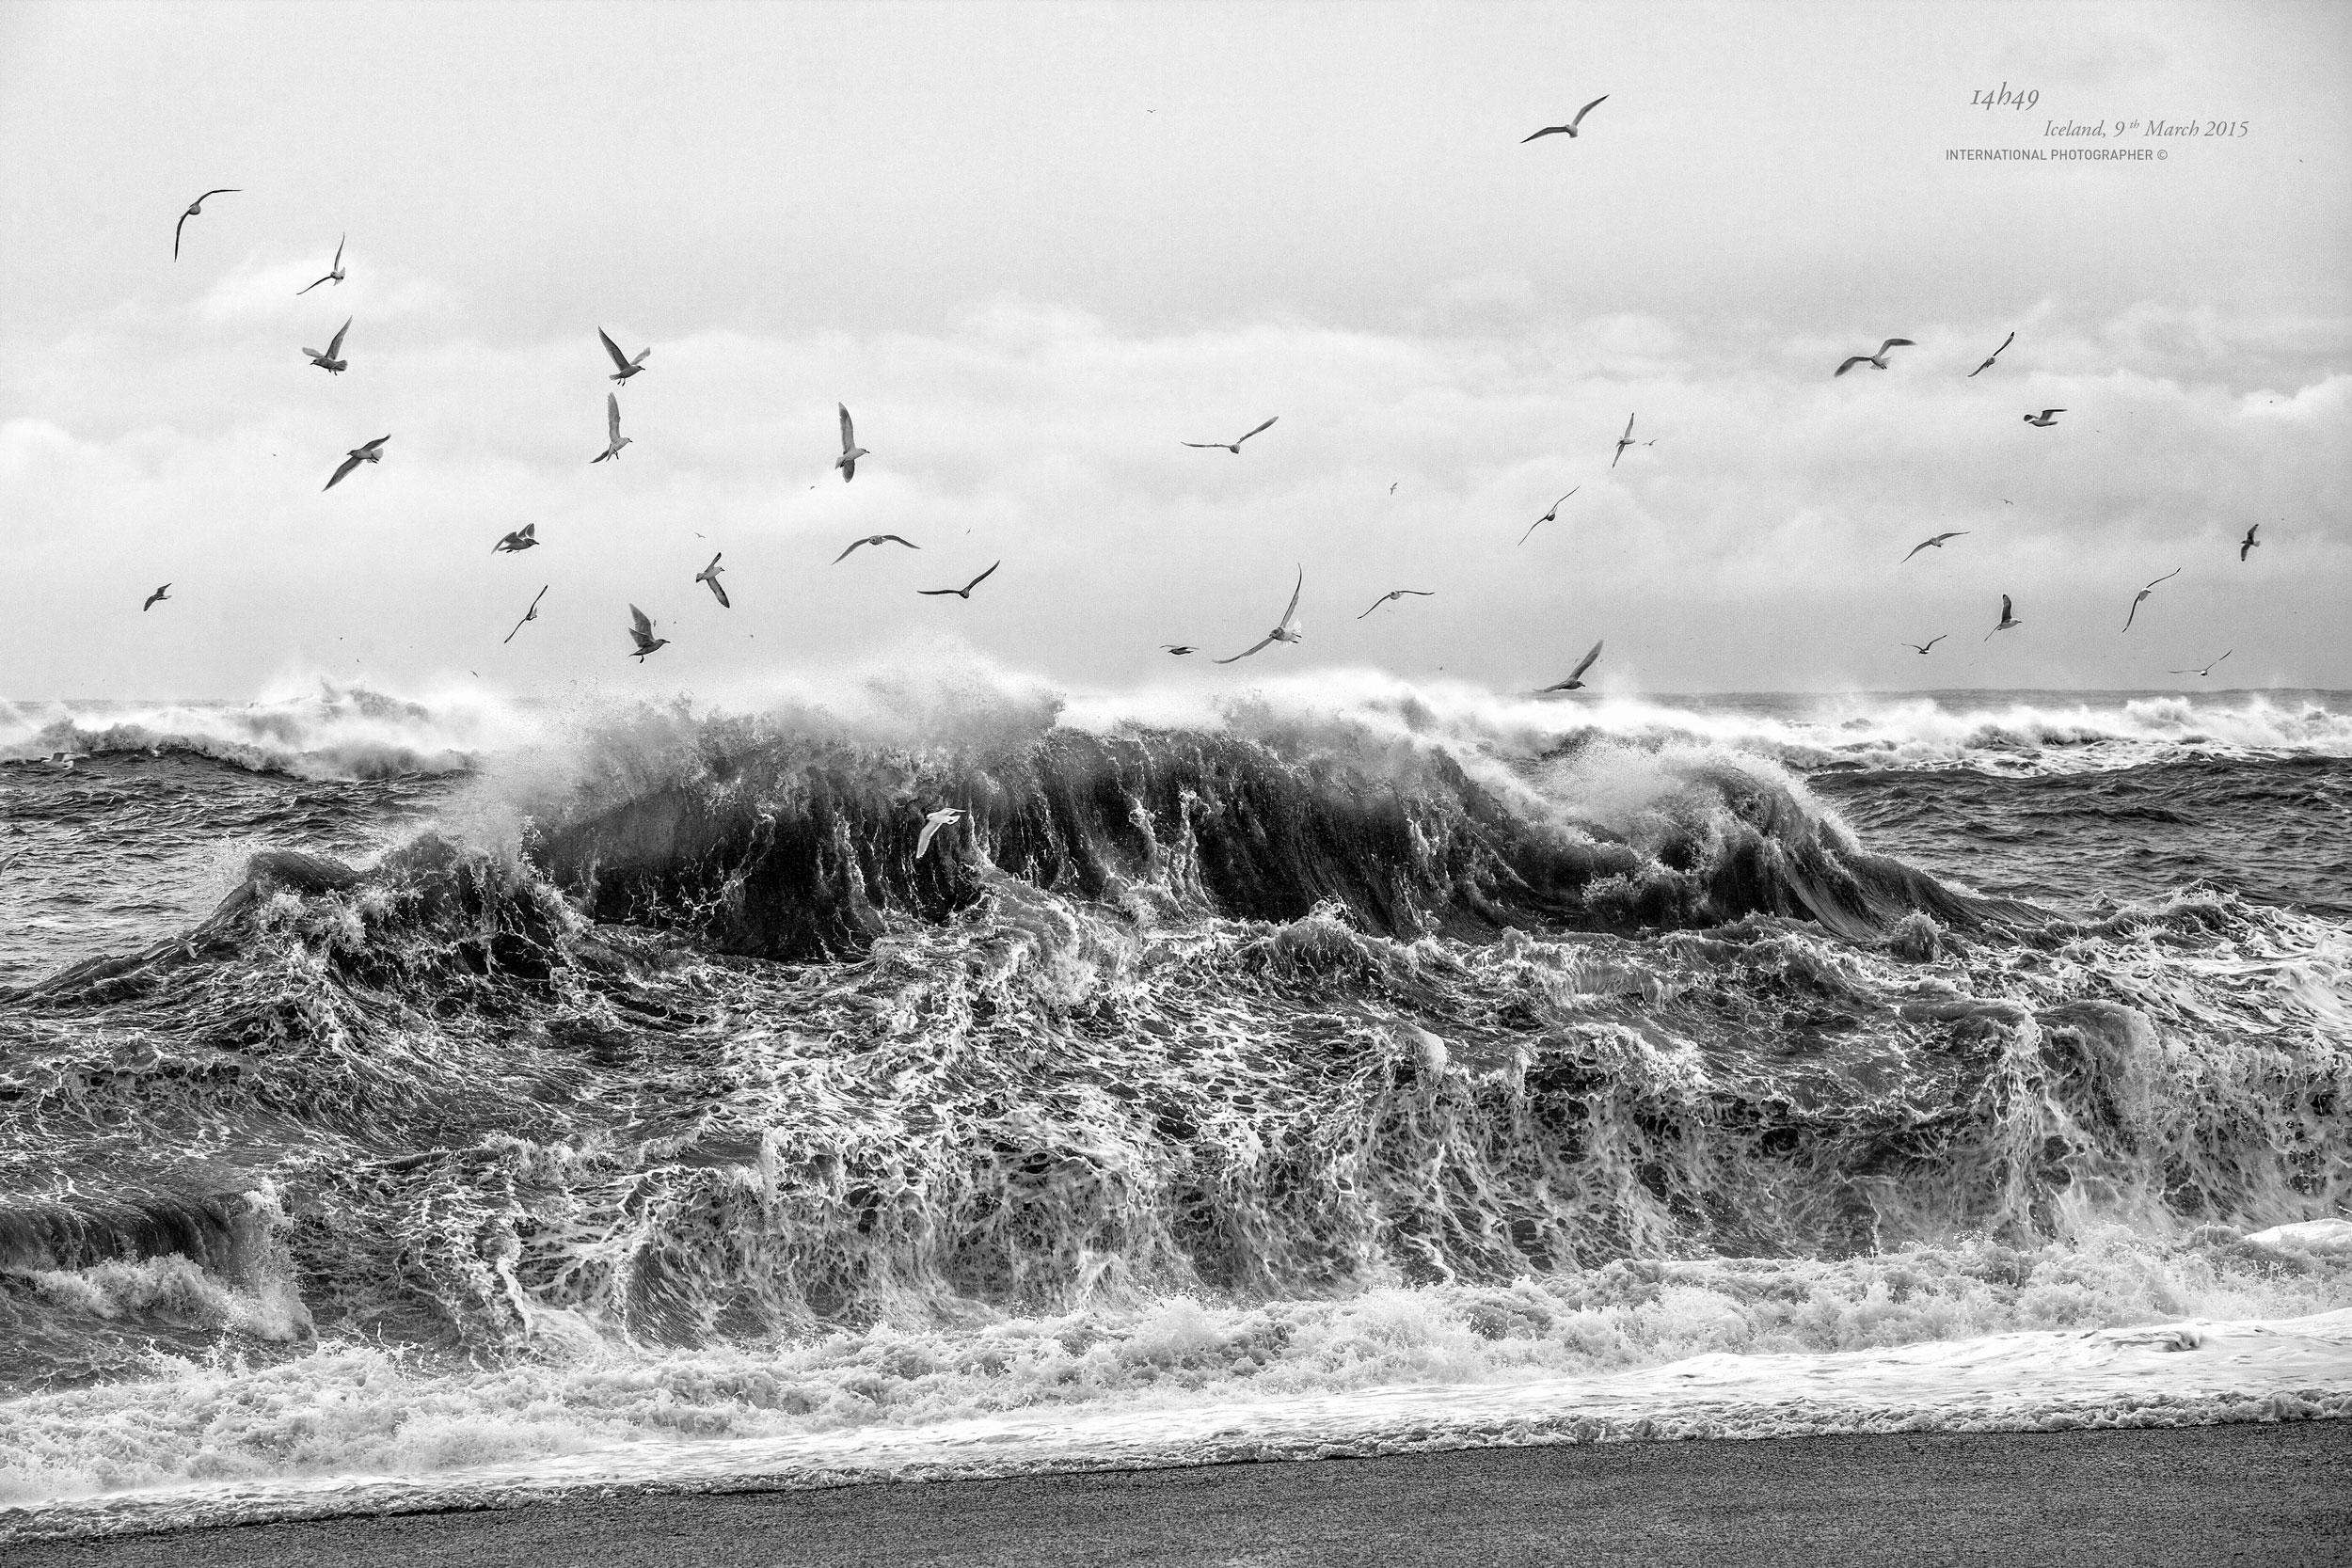 Les vagues de Reynisfjara et ses oiseaux